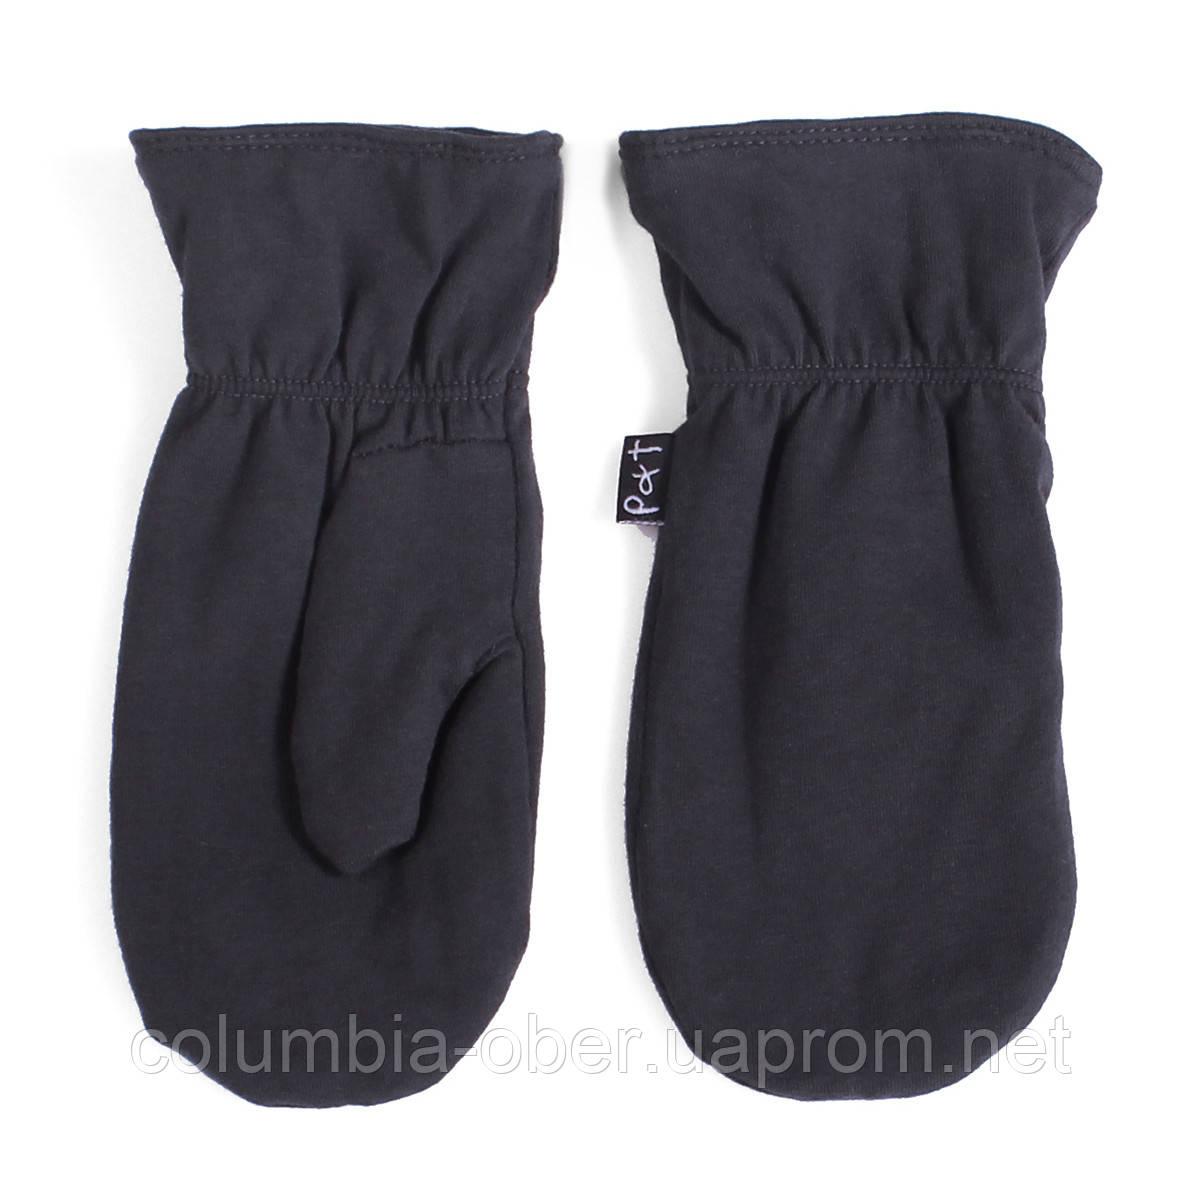 Демисезонные рукавички для мальчика Peluche S18 MIT 57 EG Deep Gray. Размеры 3/5, 6/8.